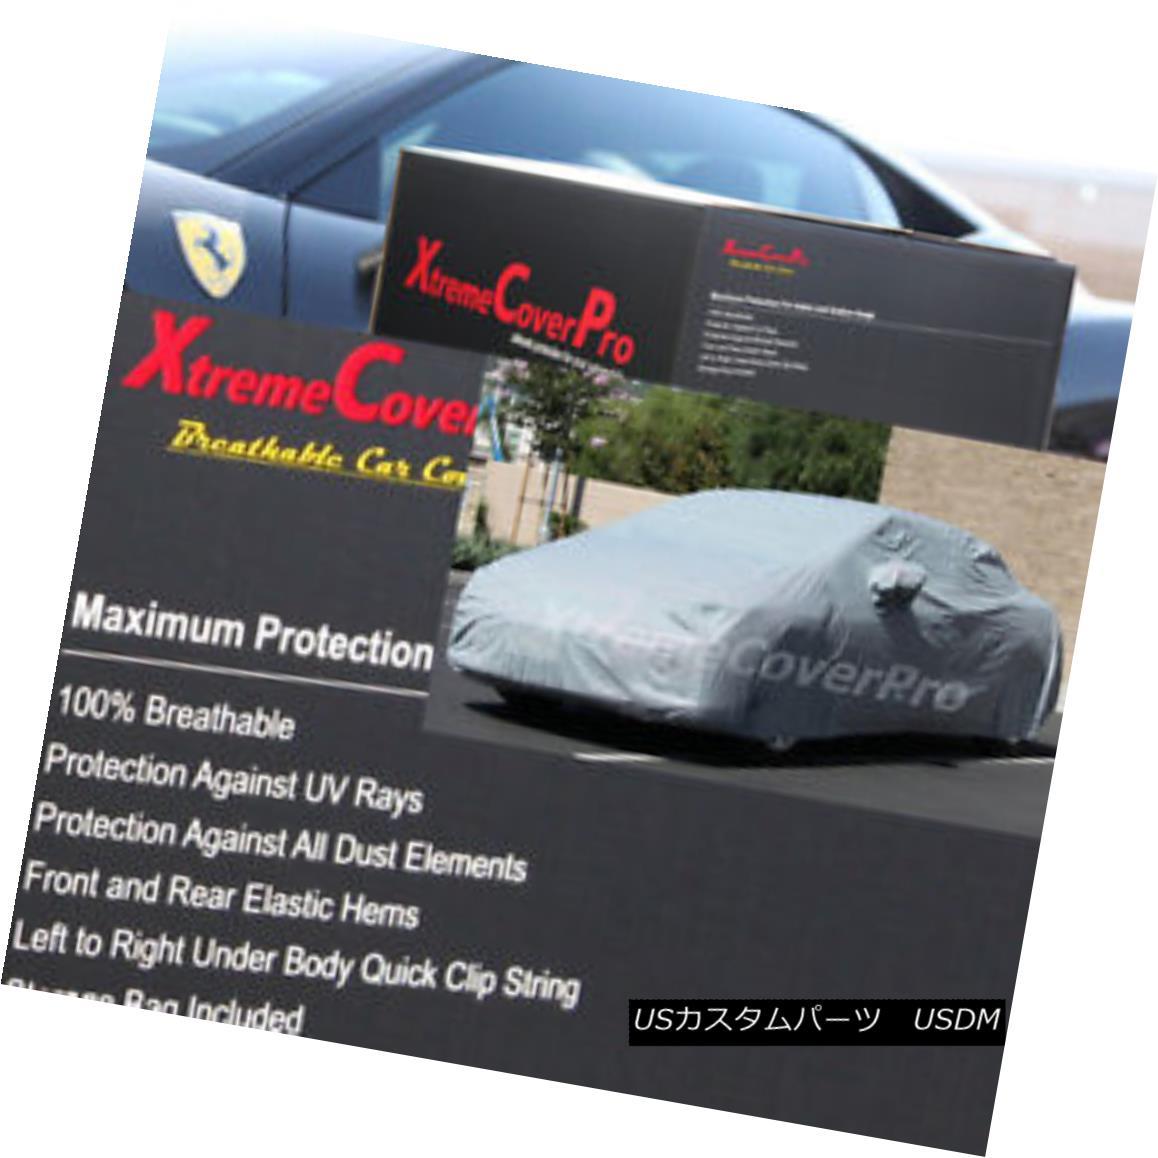 カーカバー 2009 2010 2011 2012 Mazda Mazda6 Breathable Car Cover w/MirrorPocket 2009年2010年2011年2012年マツダマツダ6通気性車カバー付きMirrorPocket